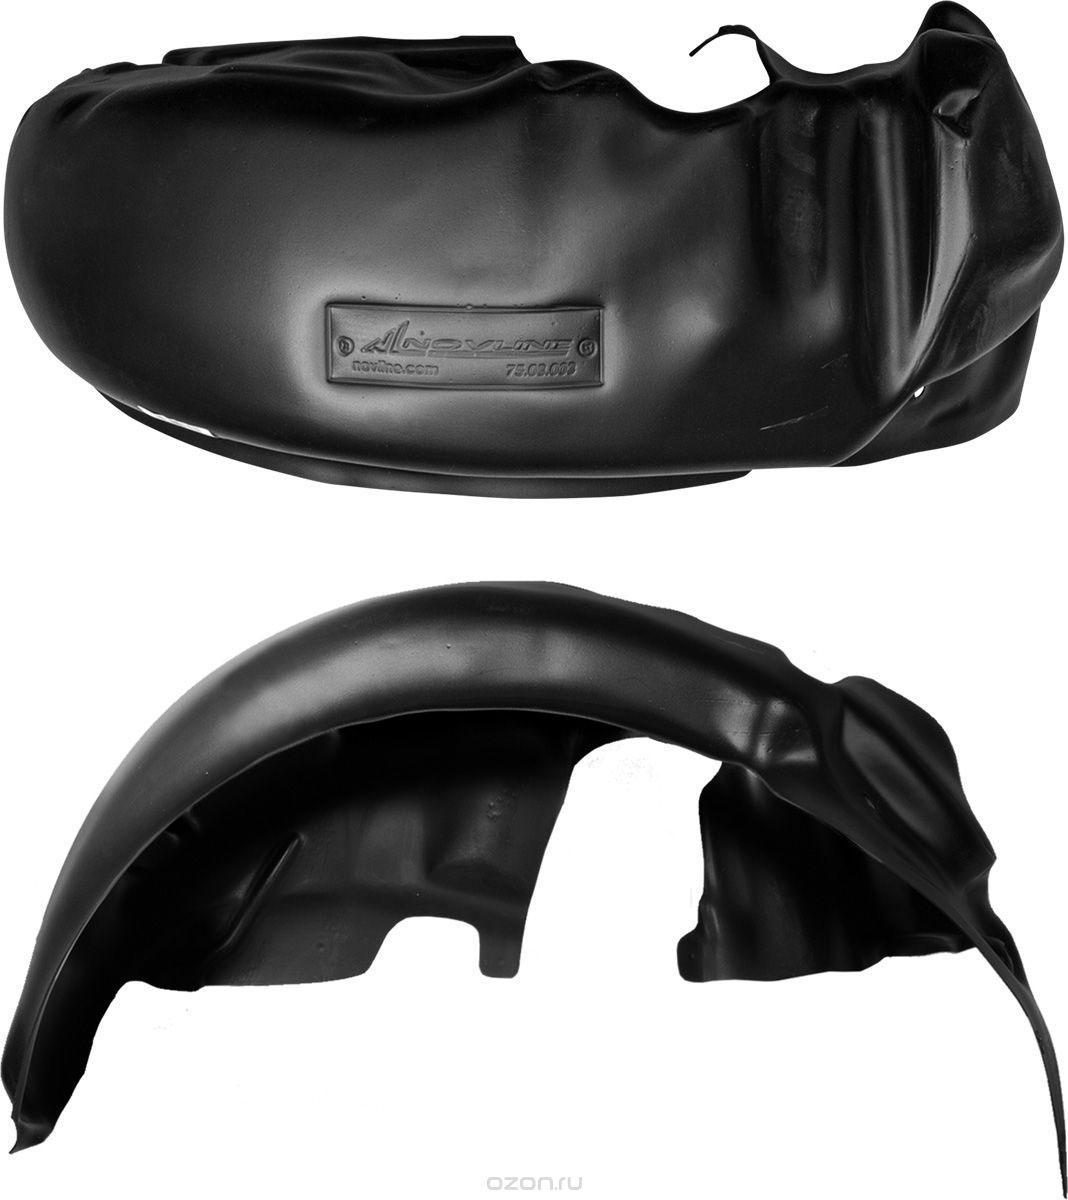 Подкрылок Novline-Autofamily, для LIFAN X50, 06/2015->, Кросс., задний правыйNLL.73.09.004Идеальная защита колесной ниши. Локеры разработаны с применением цифровых технологий, гарантируют максимальную повторяемость поверхности арки. Изделия устанавливаются без нарушения лакокрасочного покрытия автомобиля, каждый подкрылок комплектуется крепежом. Уважаемые клиенты, обращаем ваше внимание, что фотографии на подкрылки универсальные и не отражают реальную форму изделия. При этом само изделие идет точно под размер указанного автомобиля.